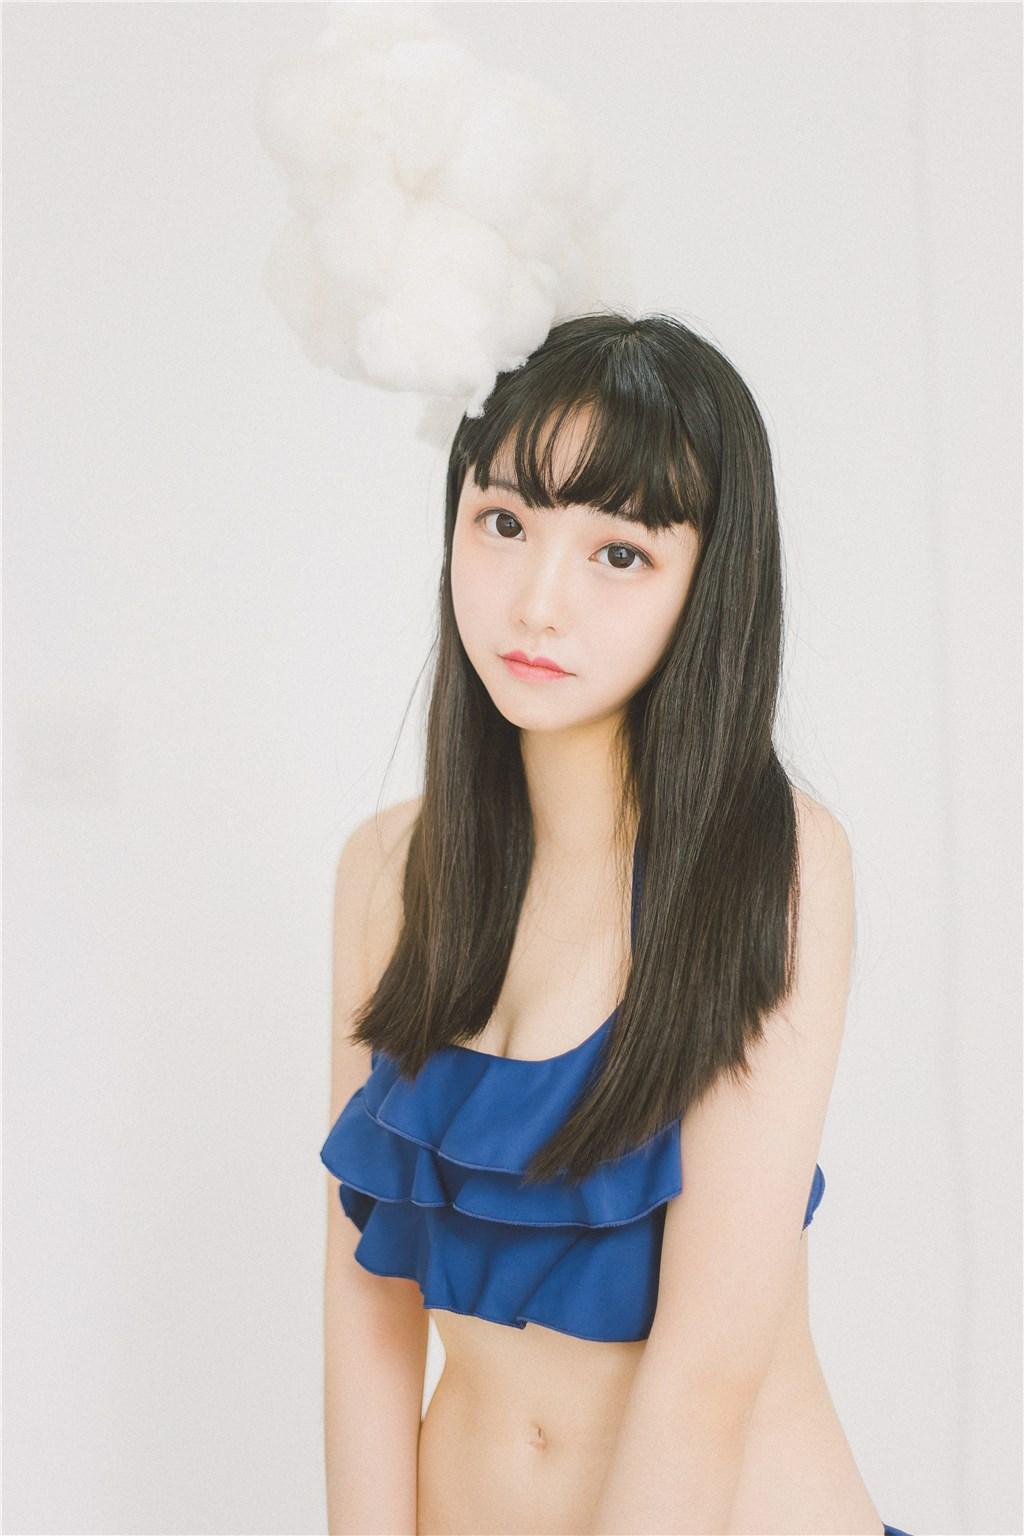 【兔玩映画】空想少女 兔玩映画 第18张